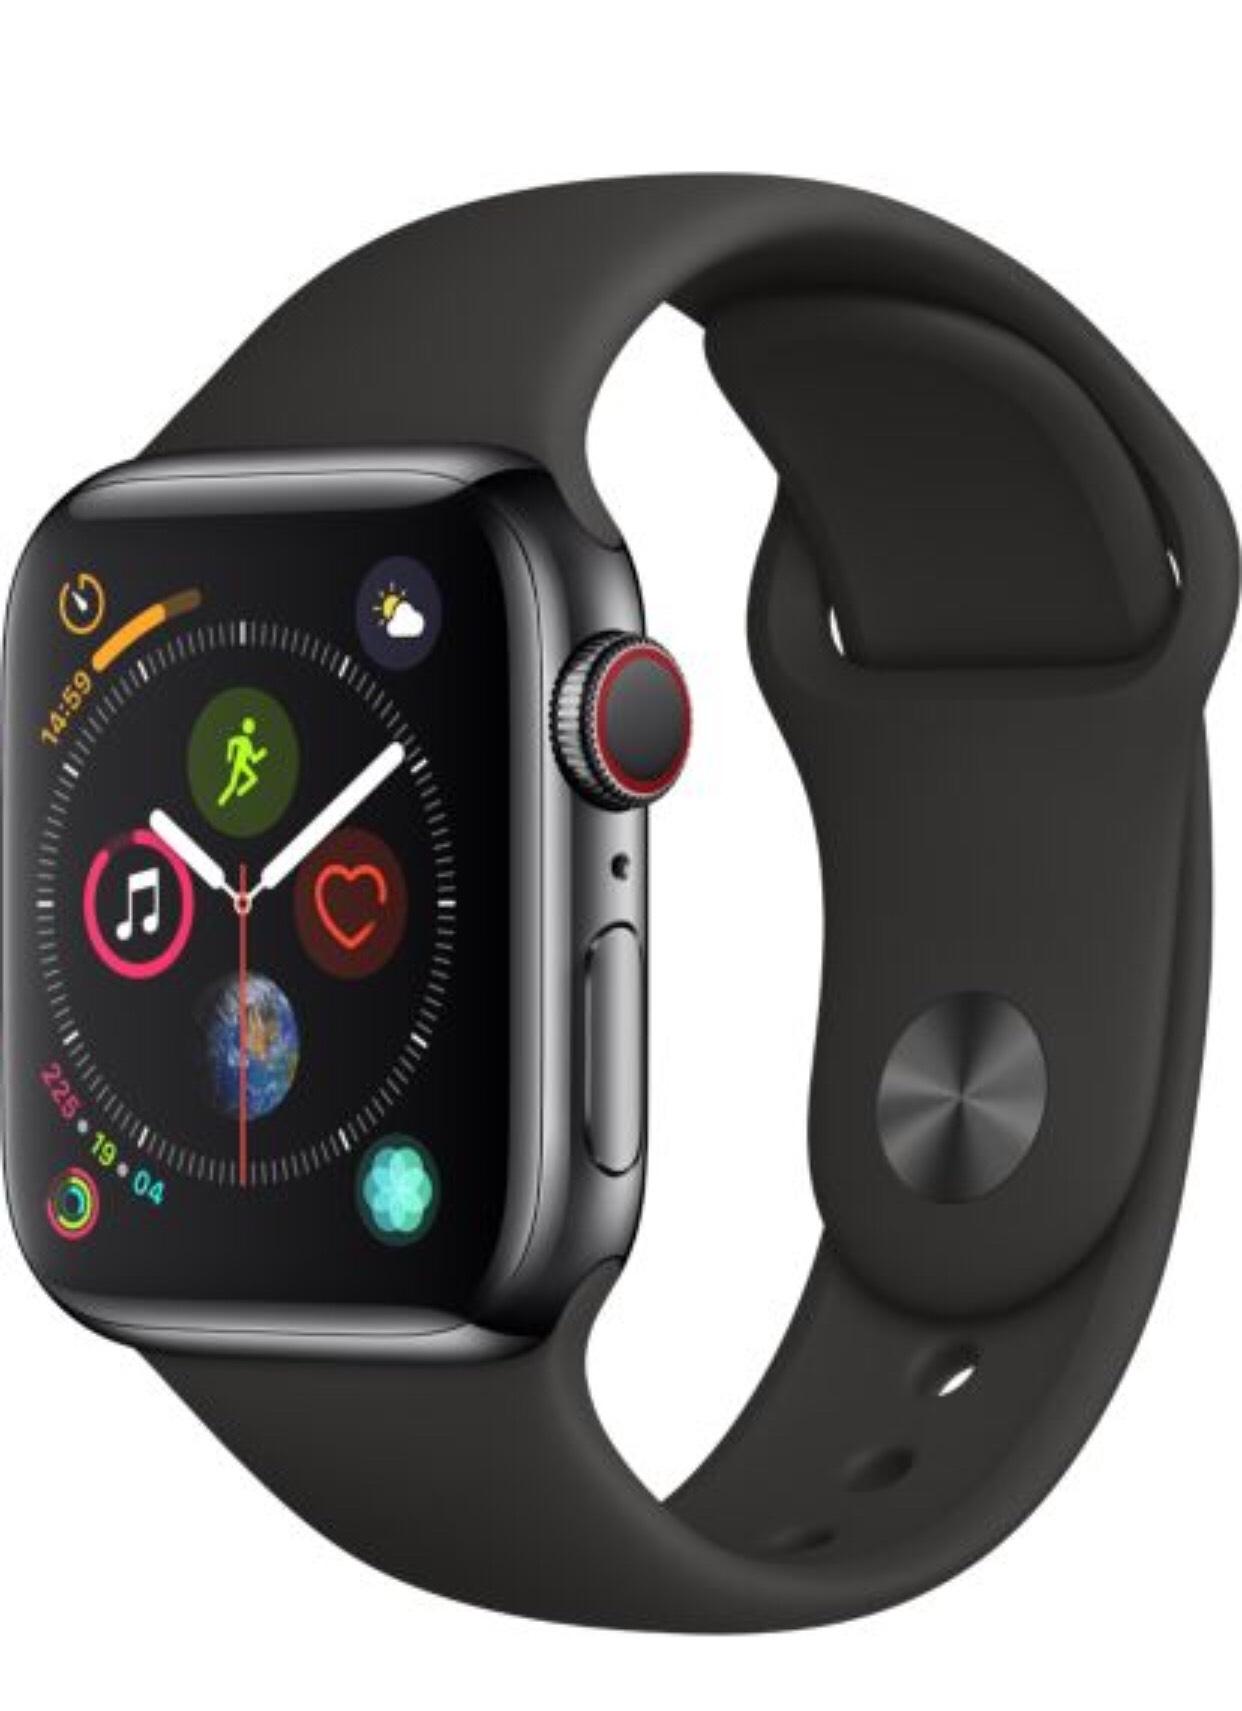 Montre connectée Apple Watch Series 4 (GPS + Cellular) - 40 mm avec Bracelet Gris Noir Boîtier Aluminium Gris